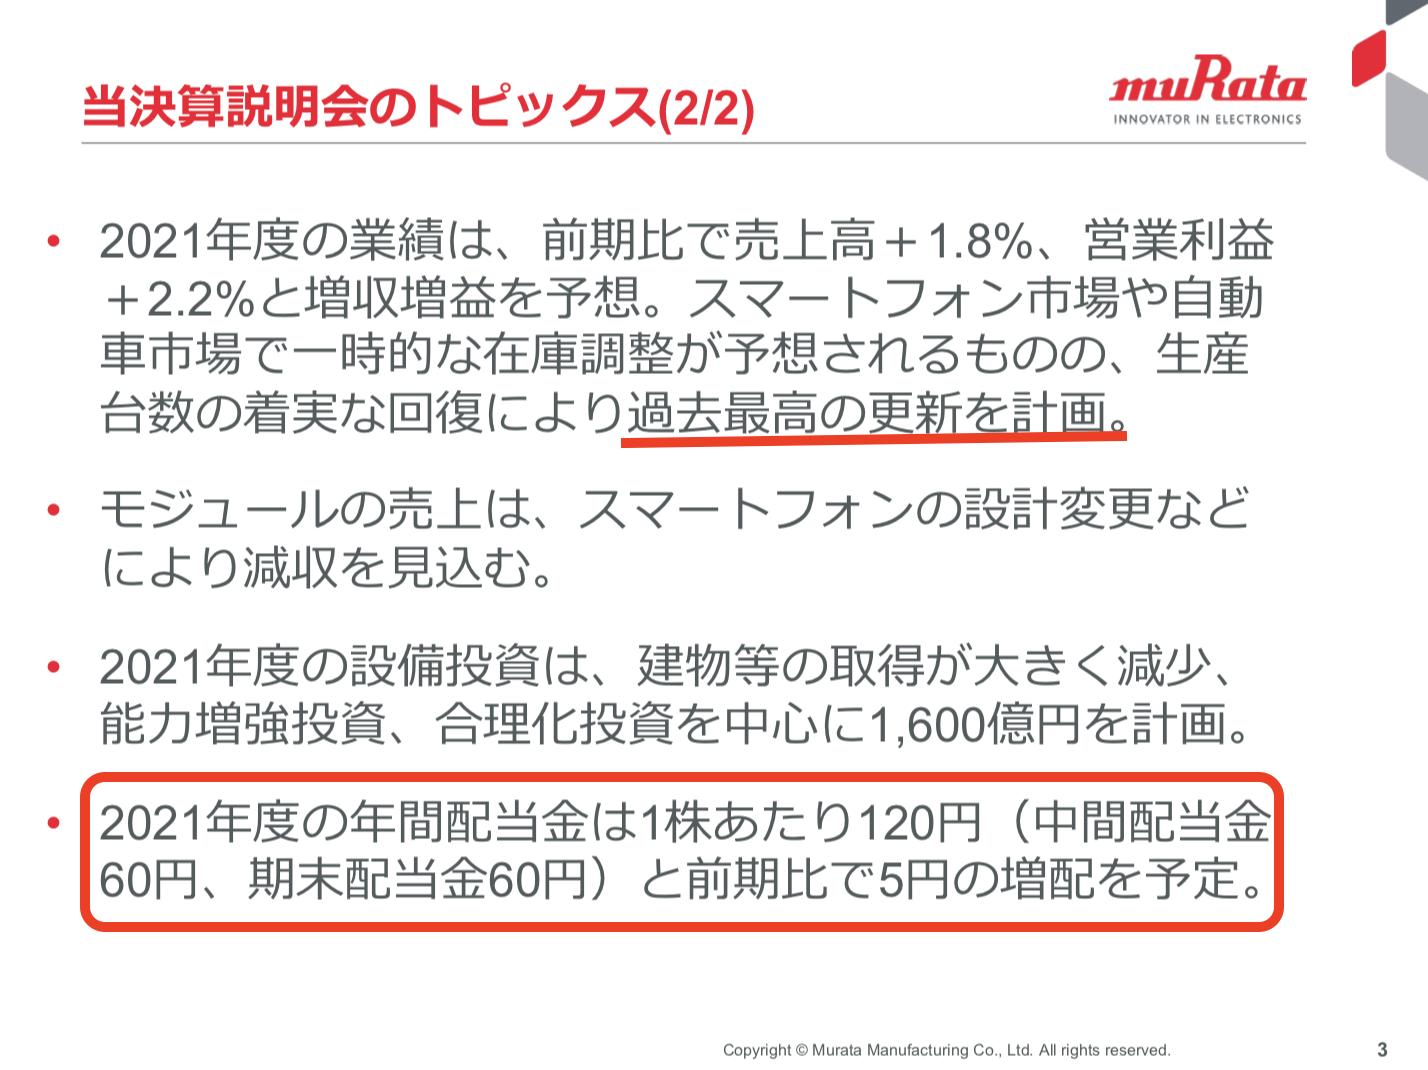 株式会社村田製作所 2020年度 決算説明会